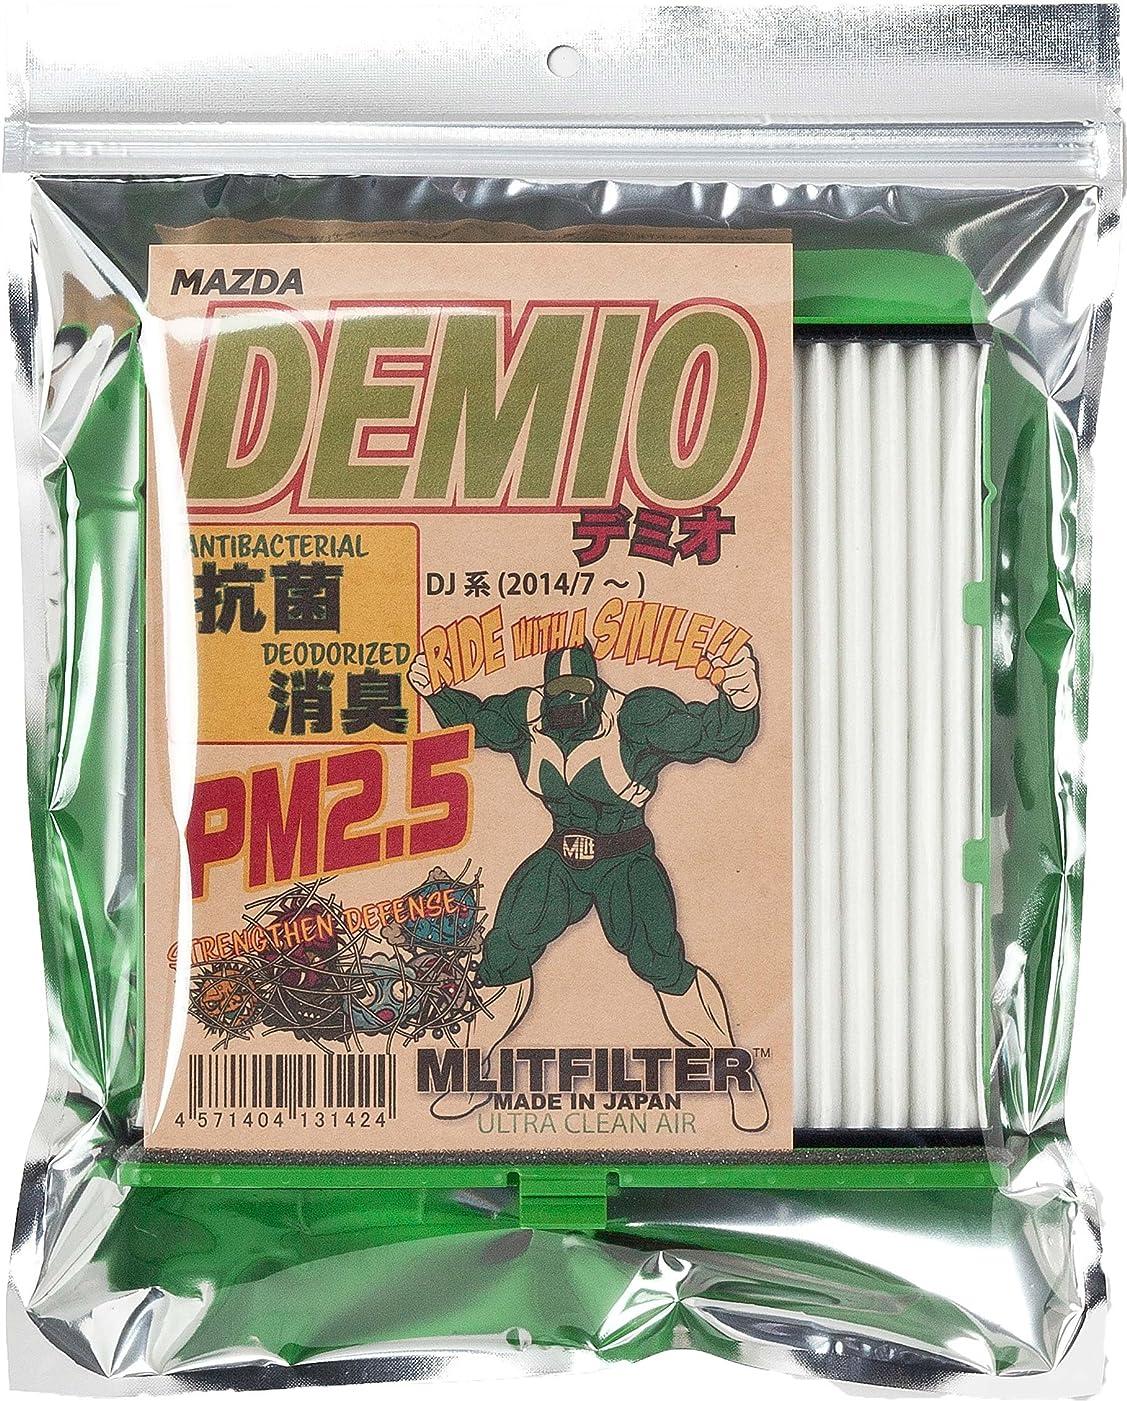 ラウズ追跡無視するマツダ デミオ(DJ系) エムリット フィルター (MLITFILTER) 日本製 D-130_DEMIO